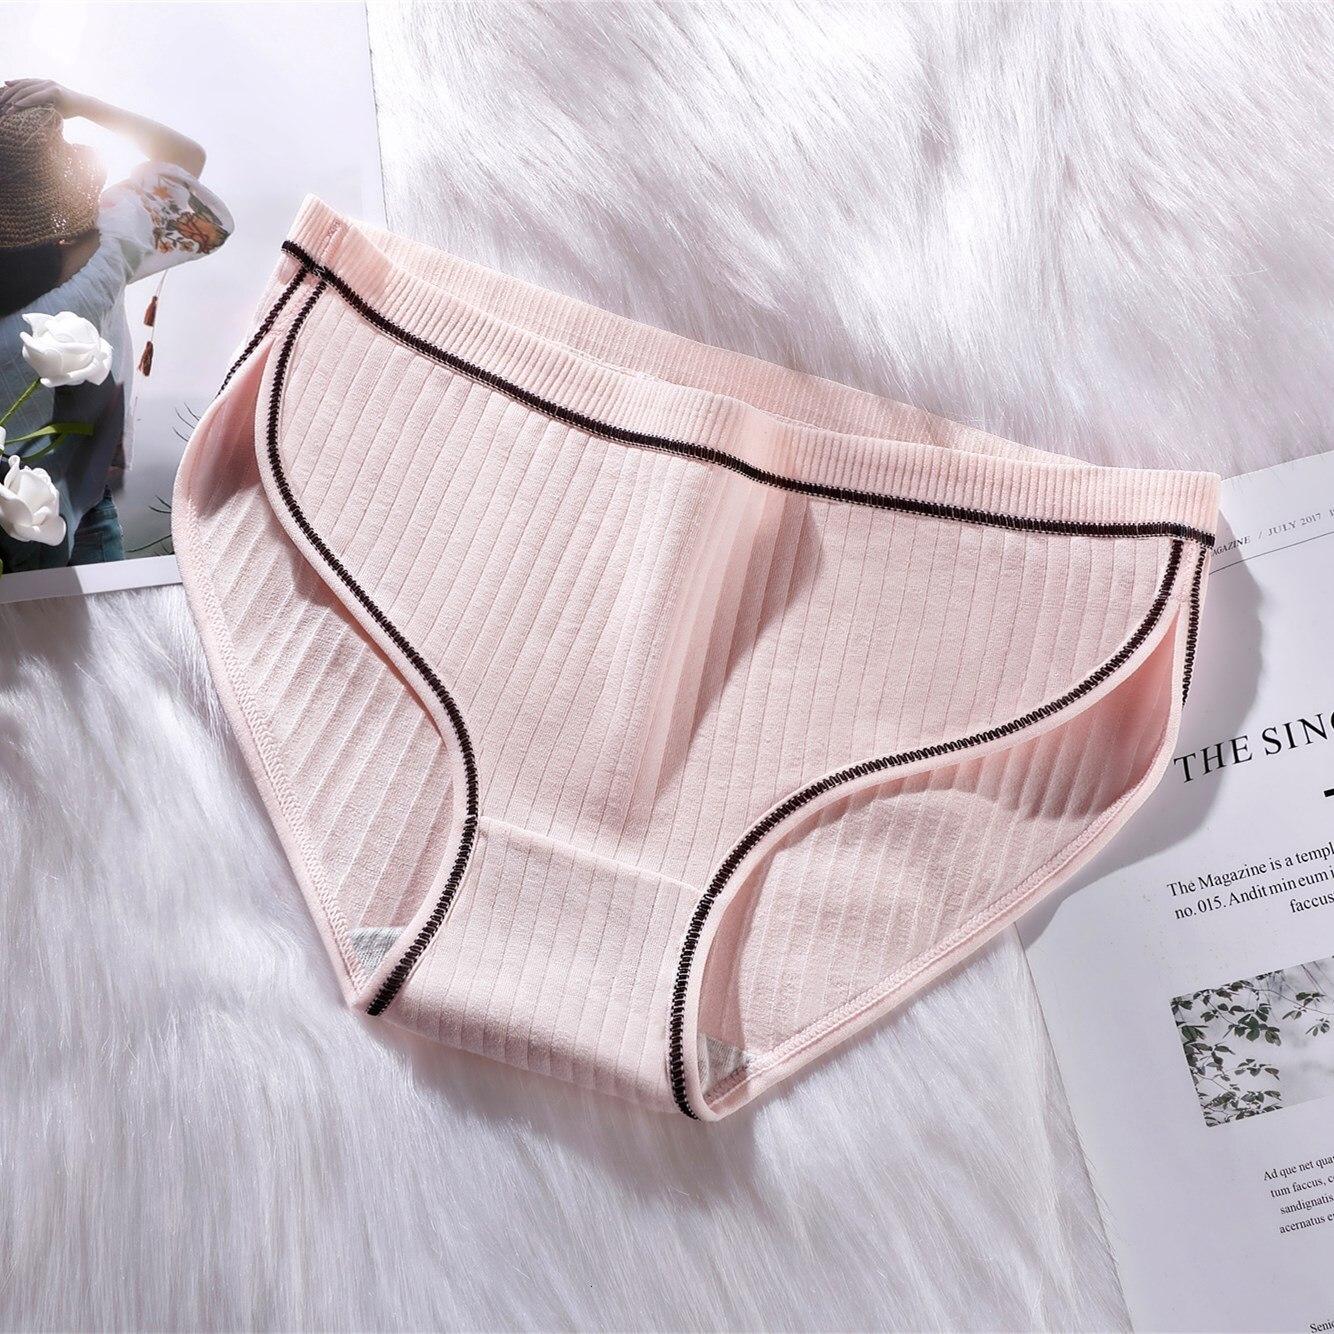 3PCS Women's Cotton Panties Female Lace Edge Breathable Briefs Sexy Underwear Women Cotton Crotch Lingerie Intimates Soft Briefs